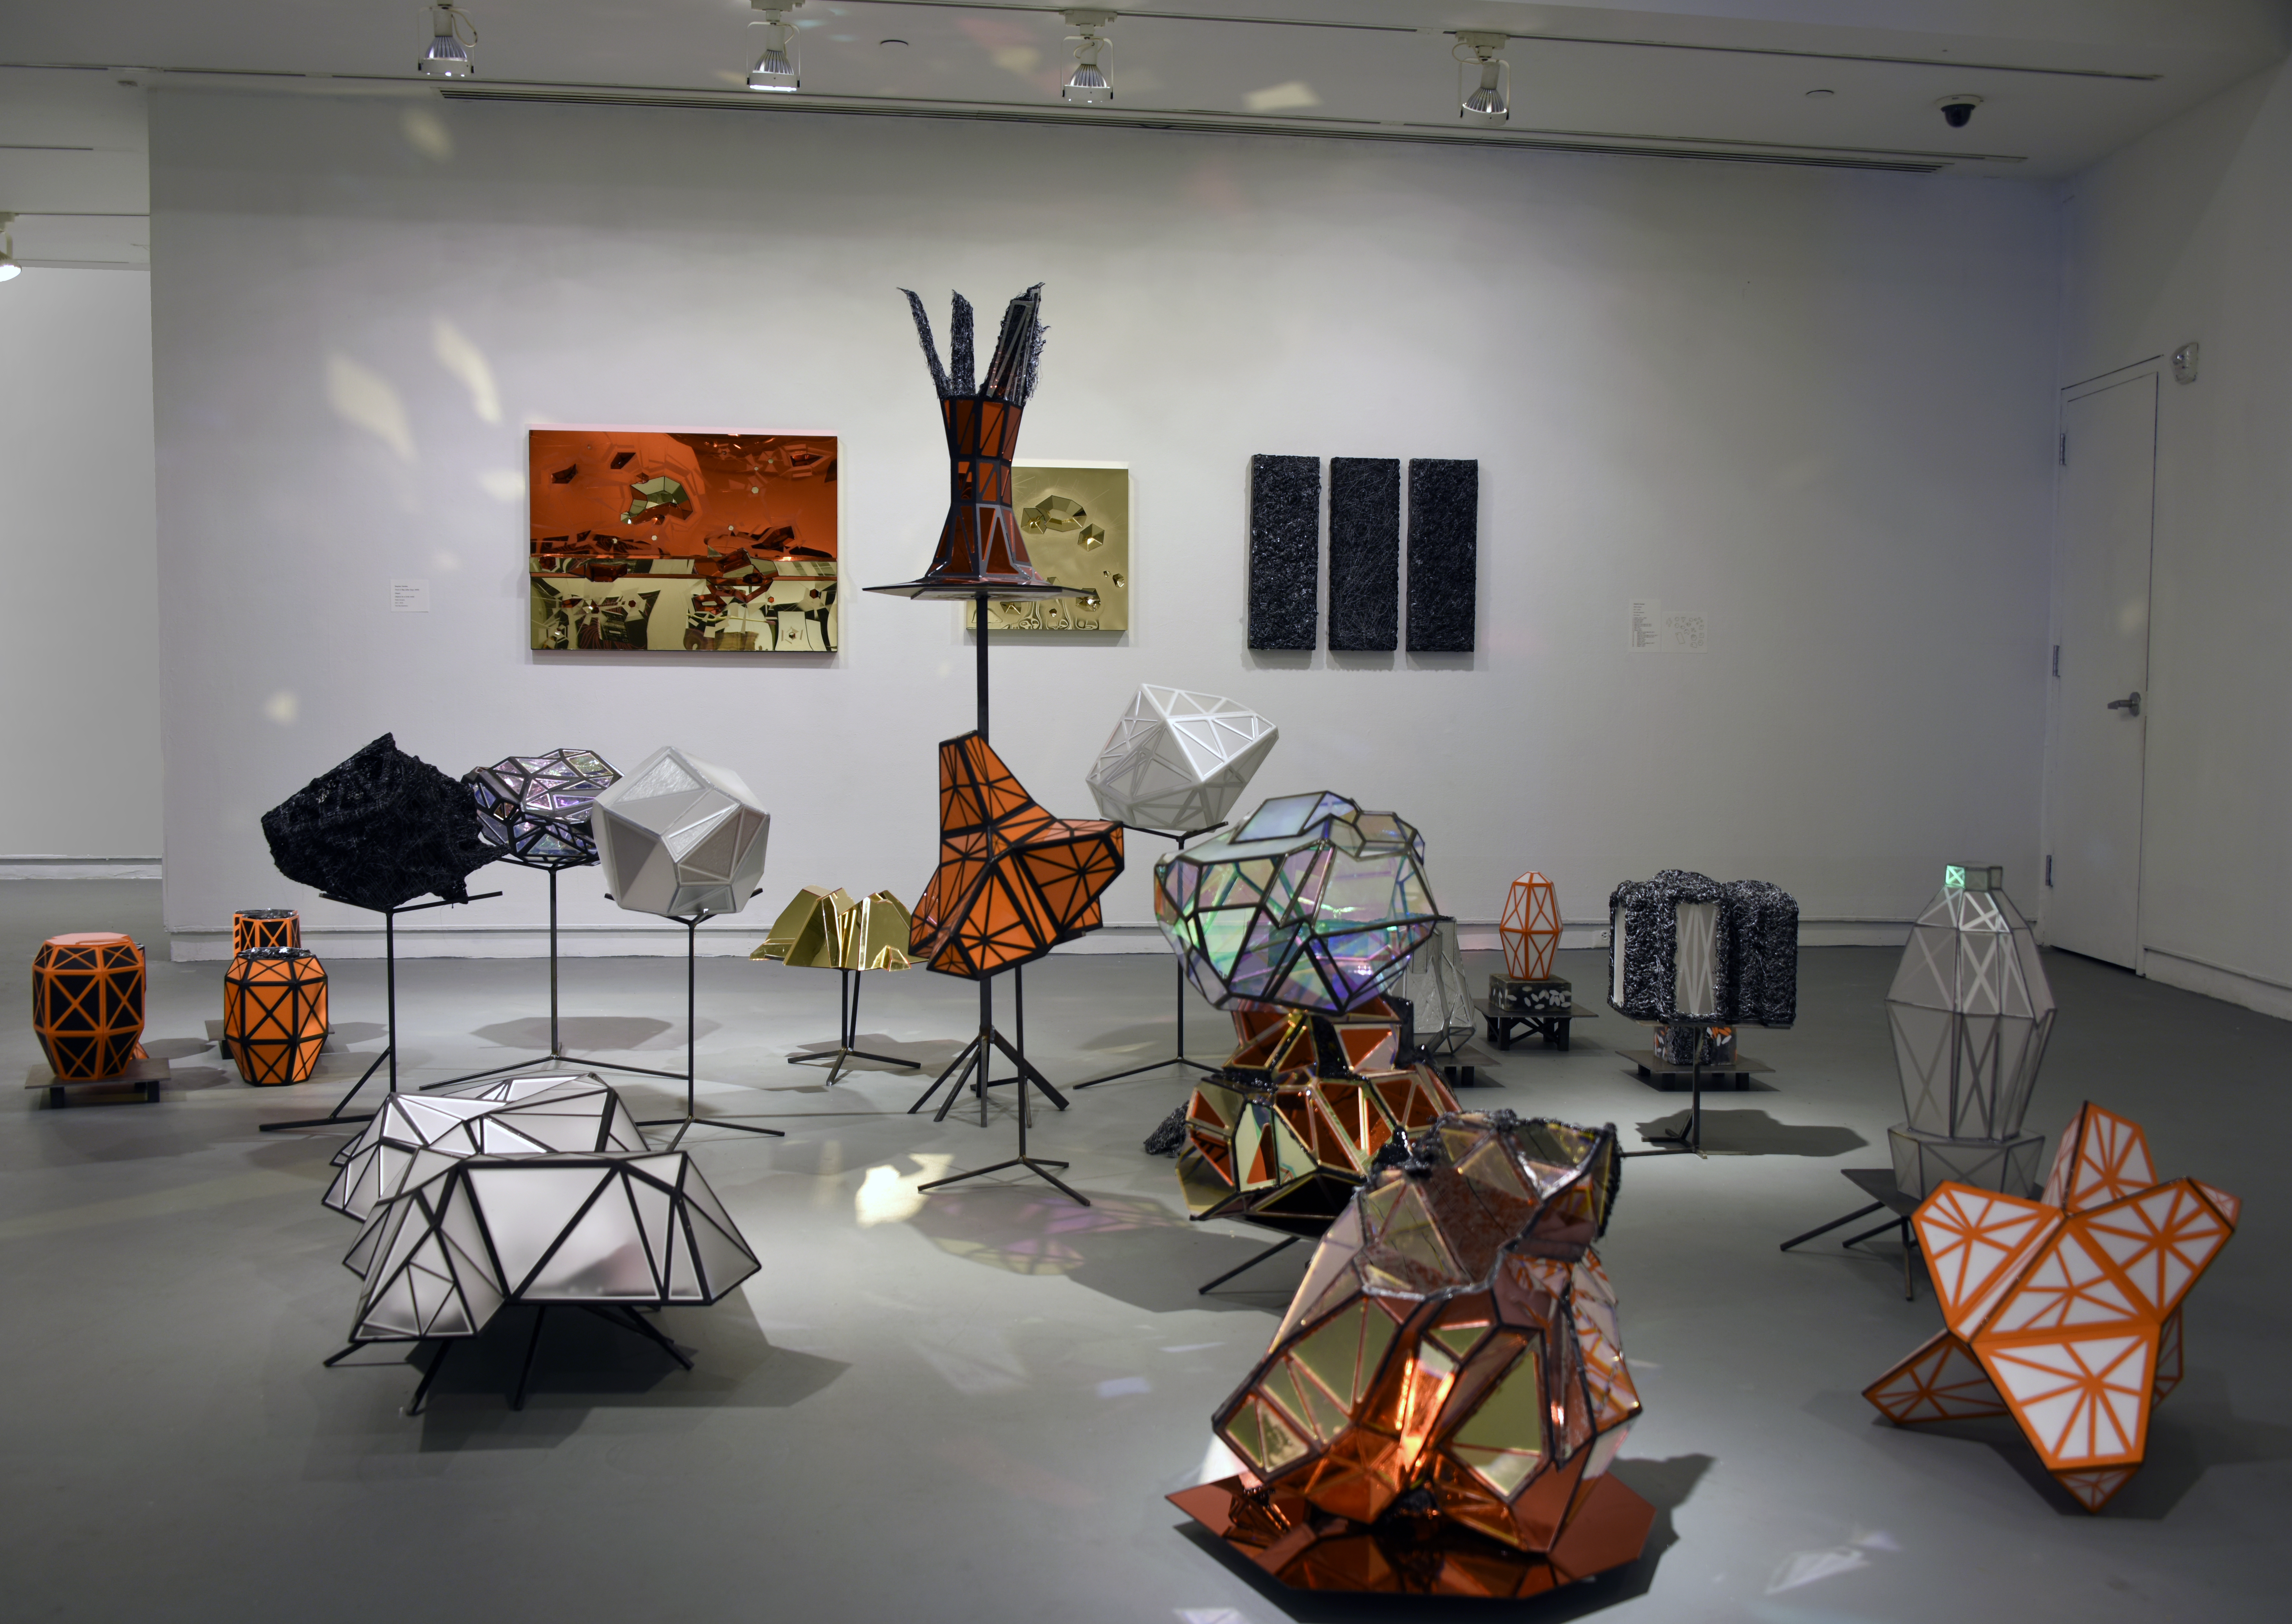 hendee_firmament sculpture installation